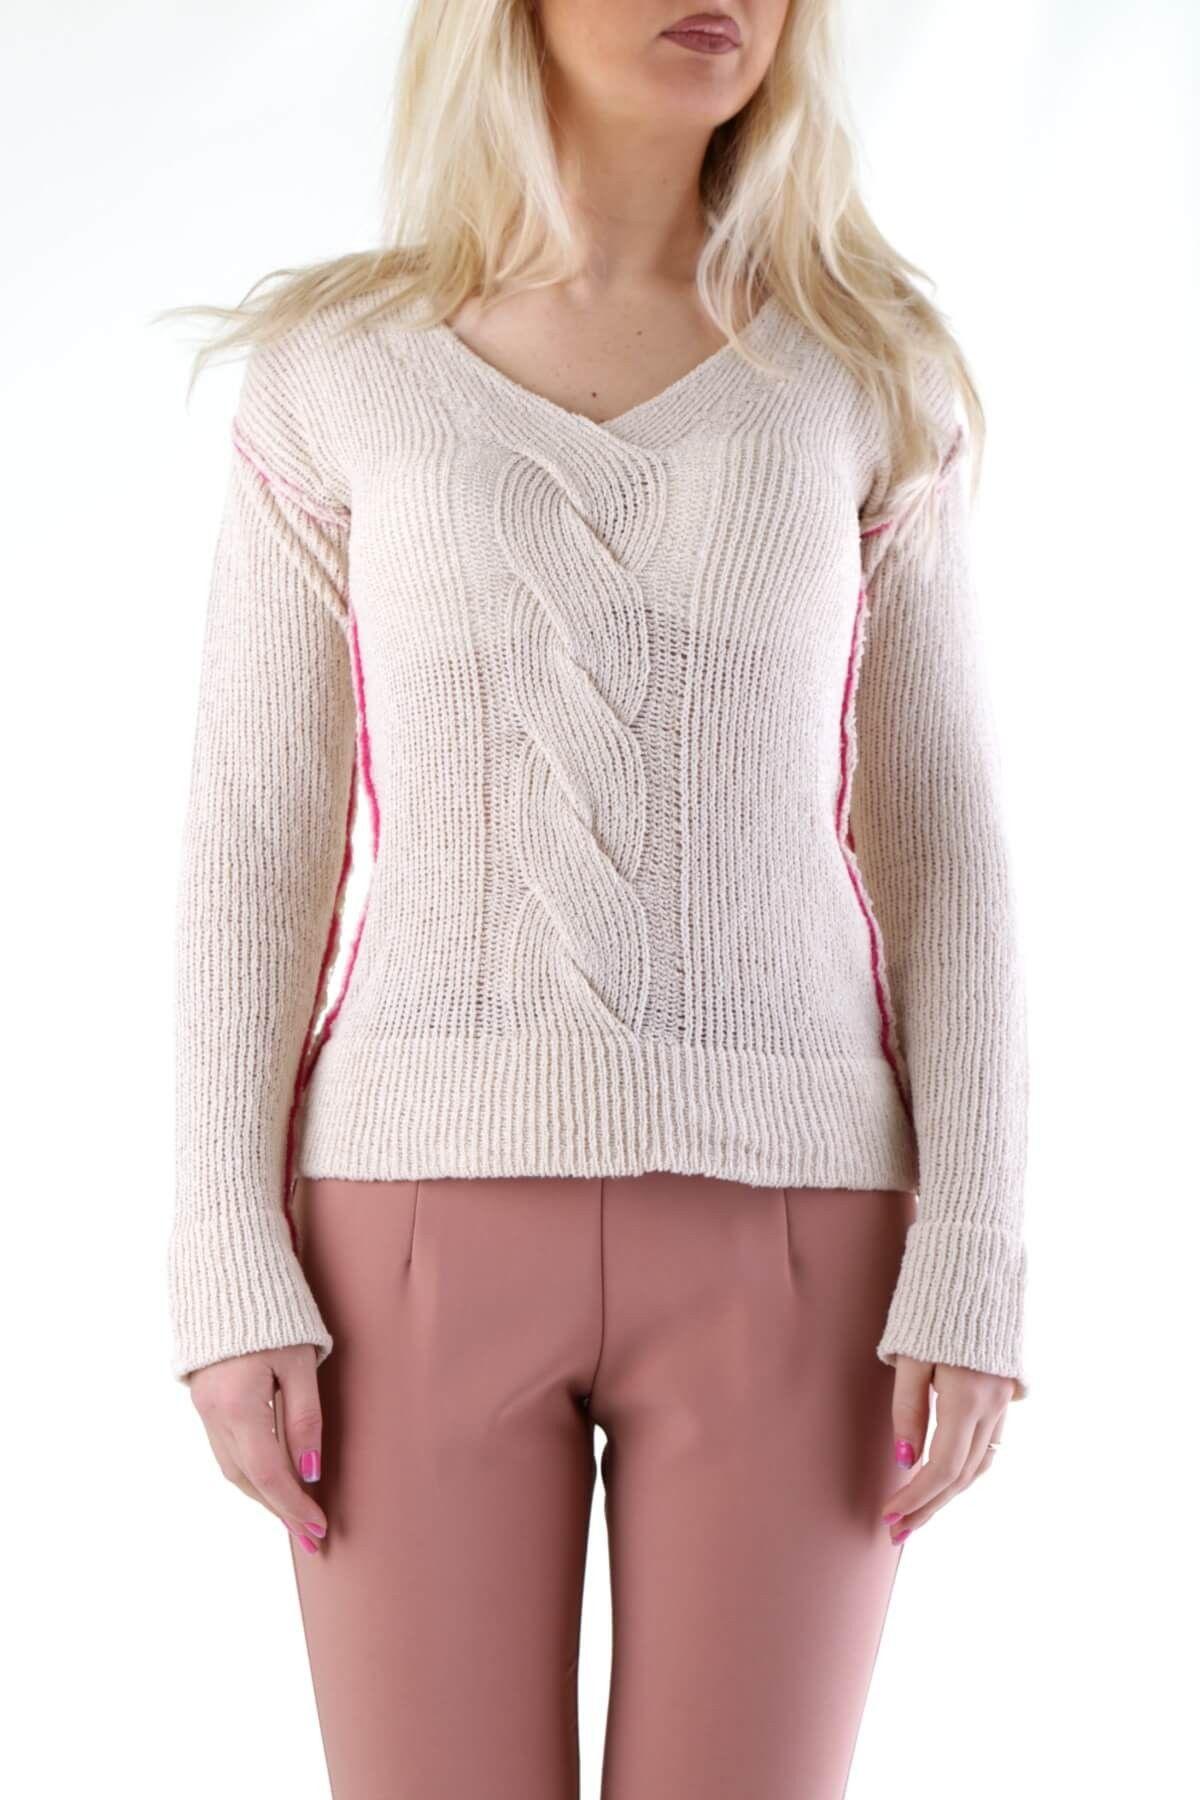 Olivia Hops Women's Knitwear In White